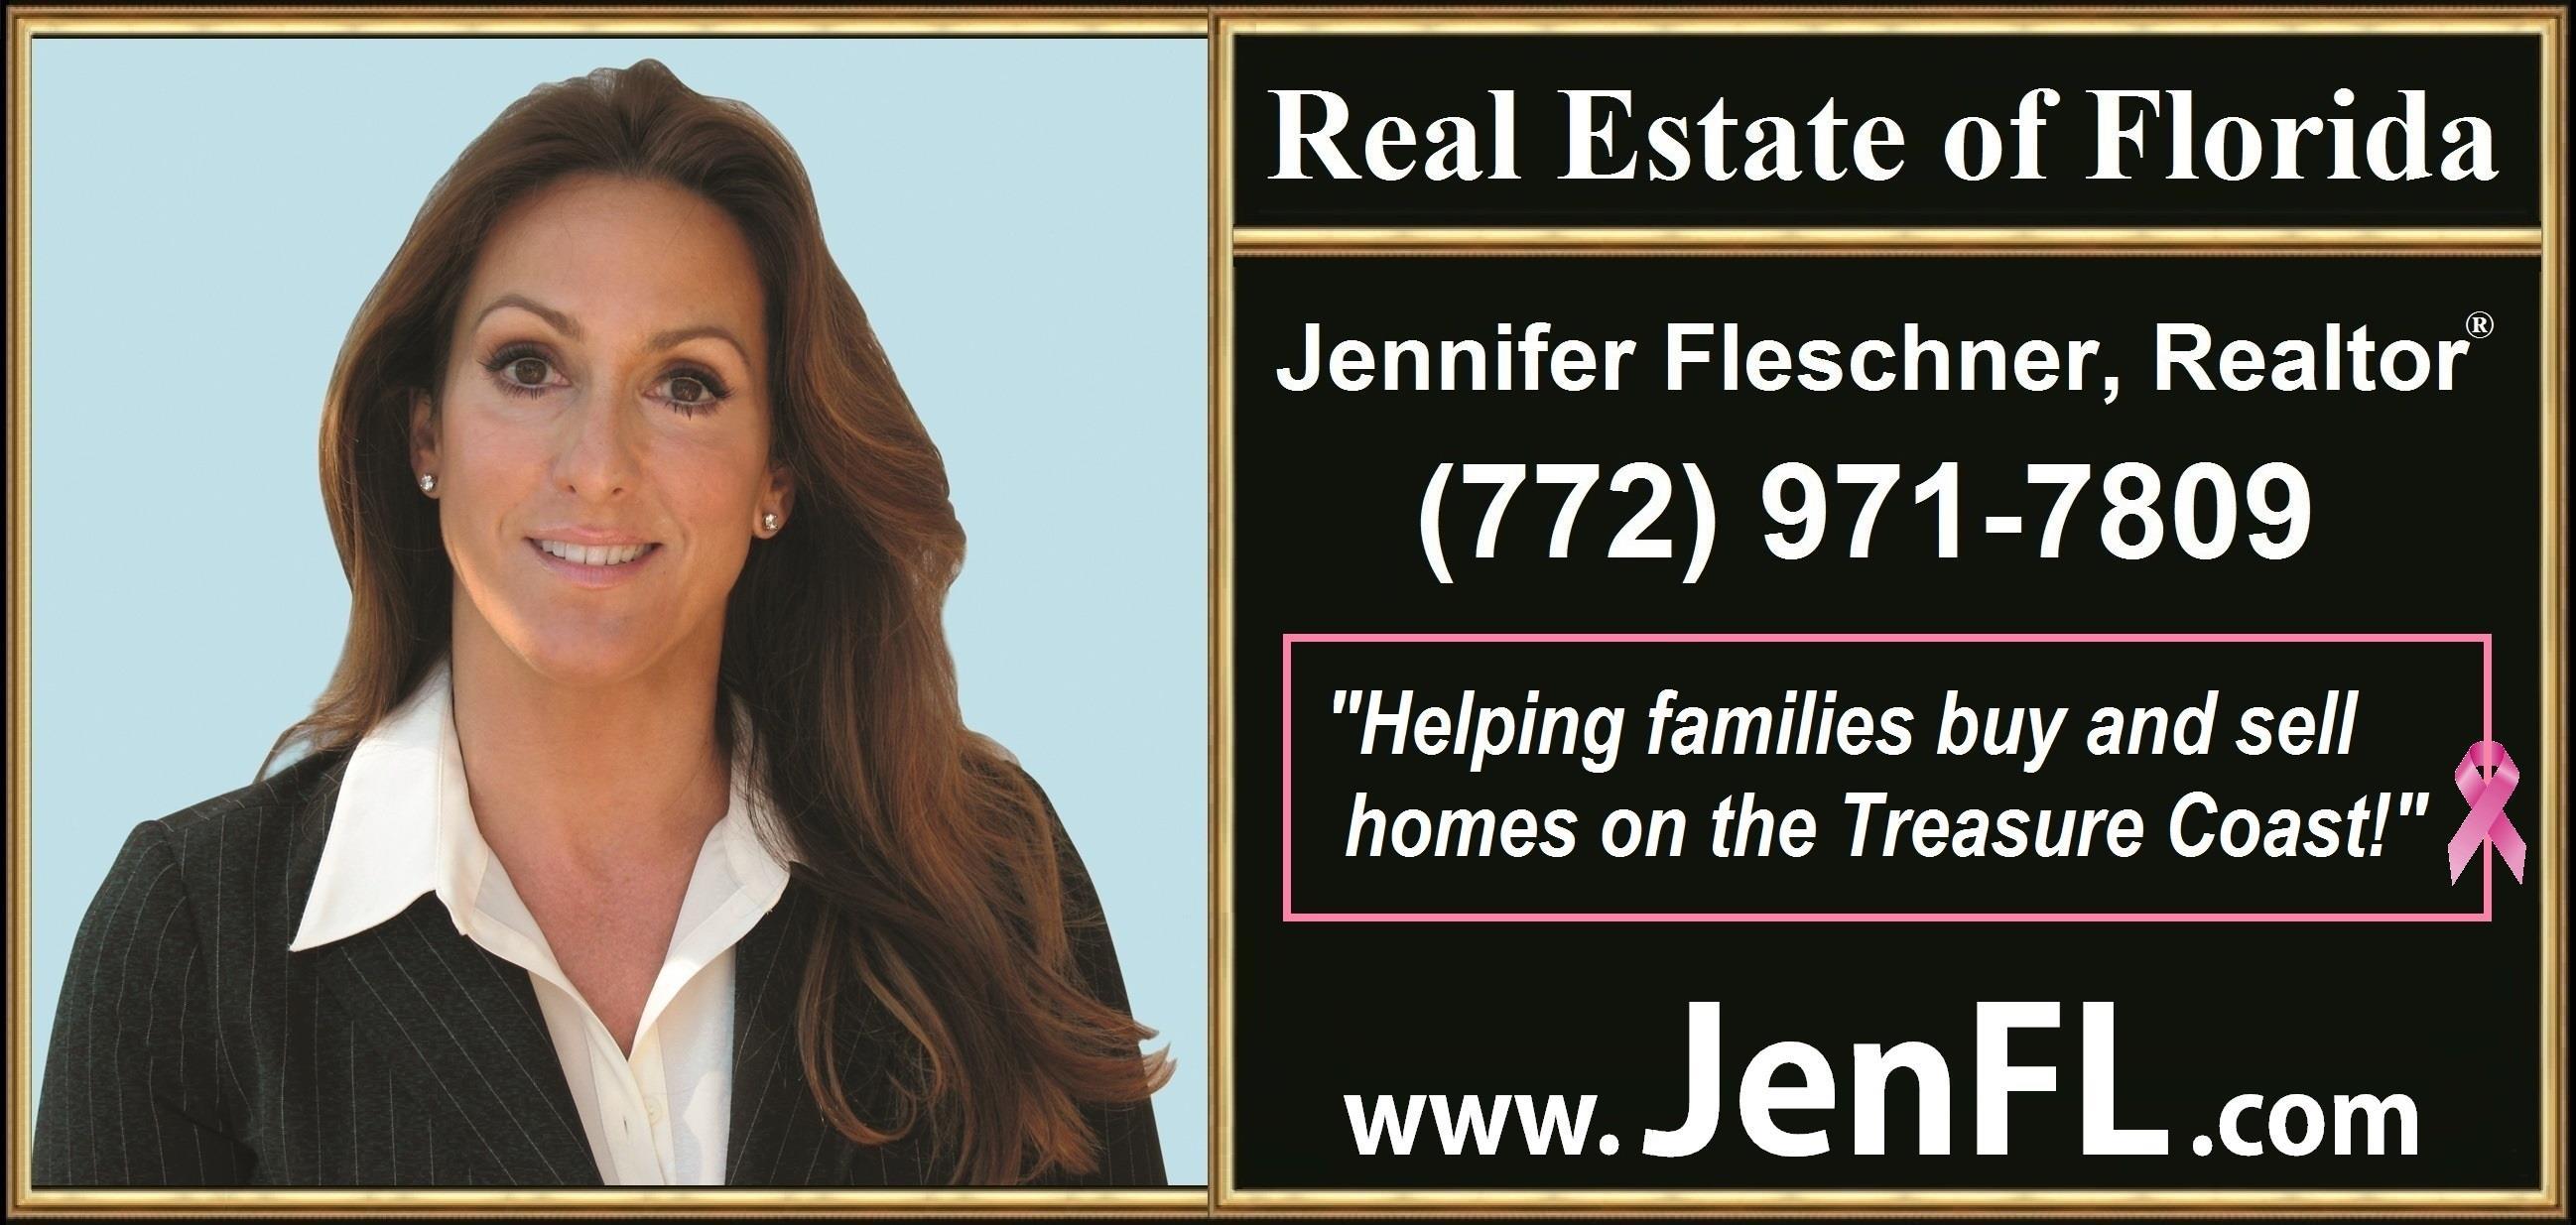 Jennifer Fleschner Realtor Ad